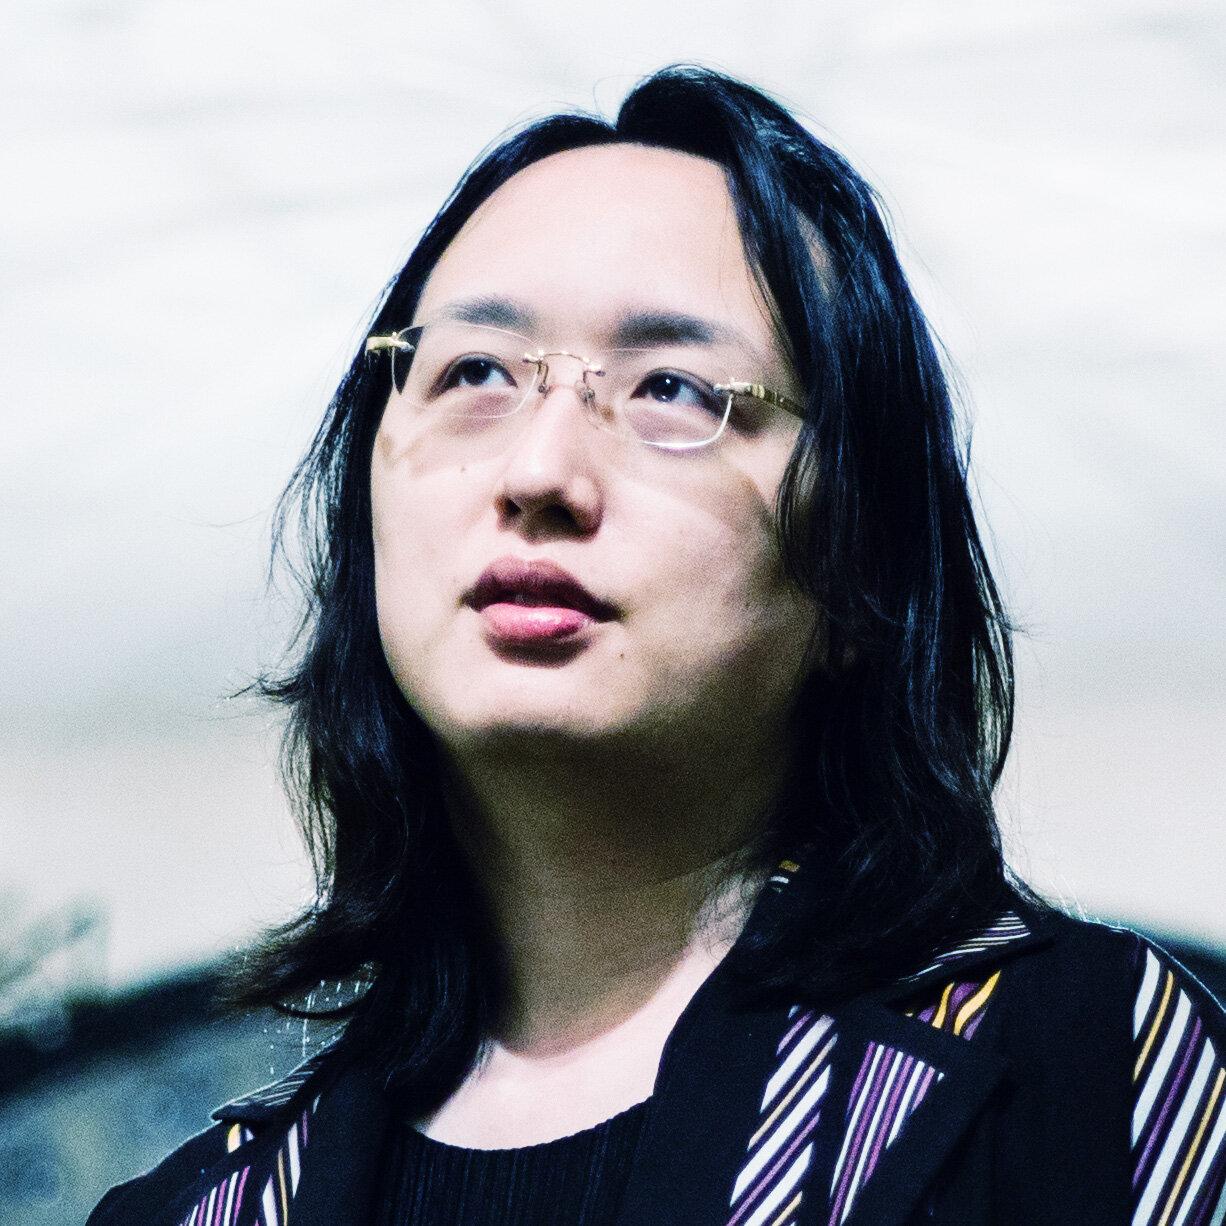 오드리 탕 Audrey Tang   대만 디지털 특임장관 Taiwan's Digital Minister